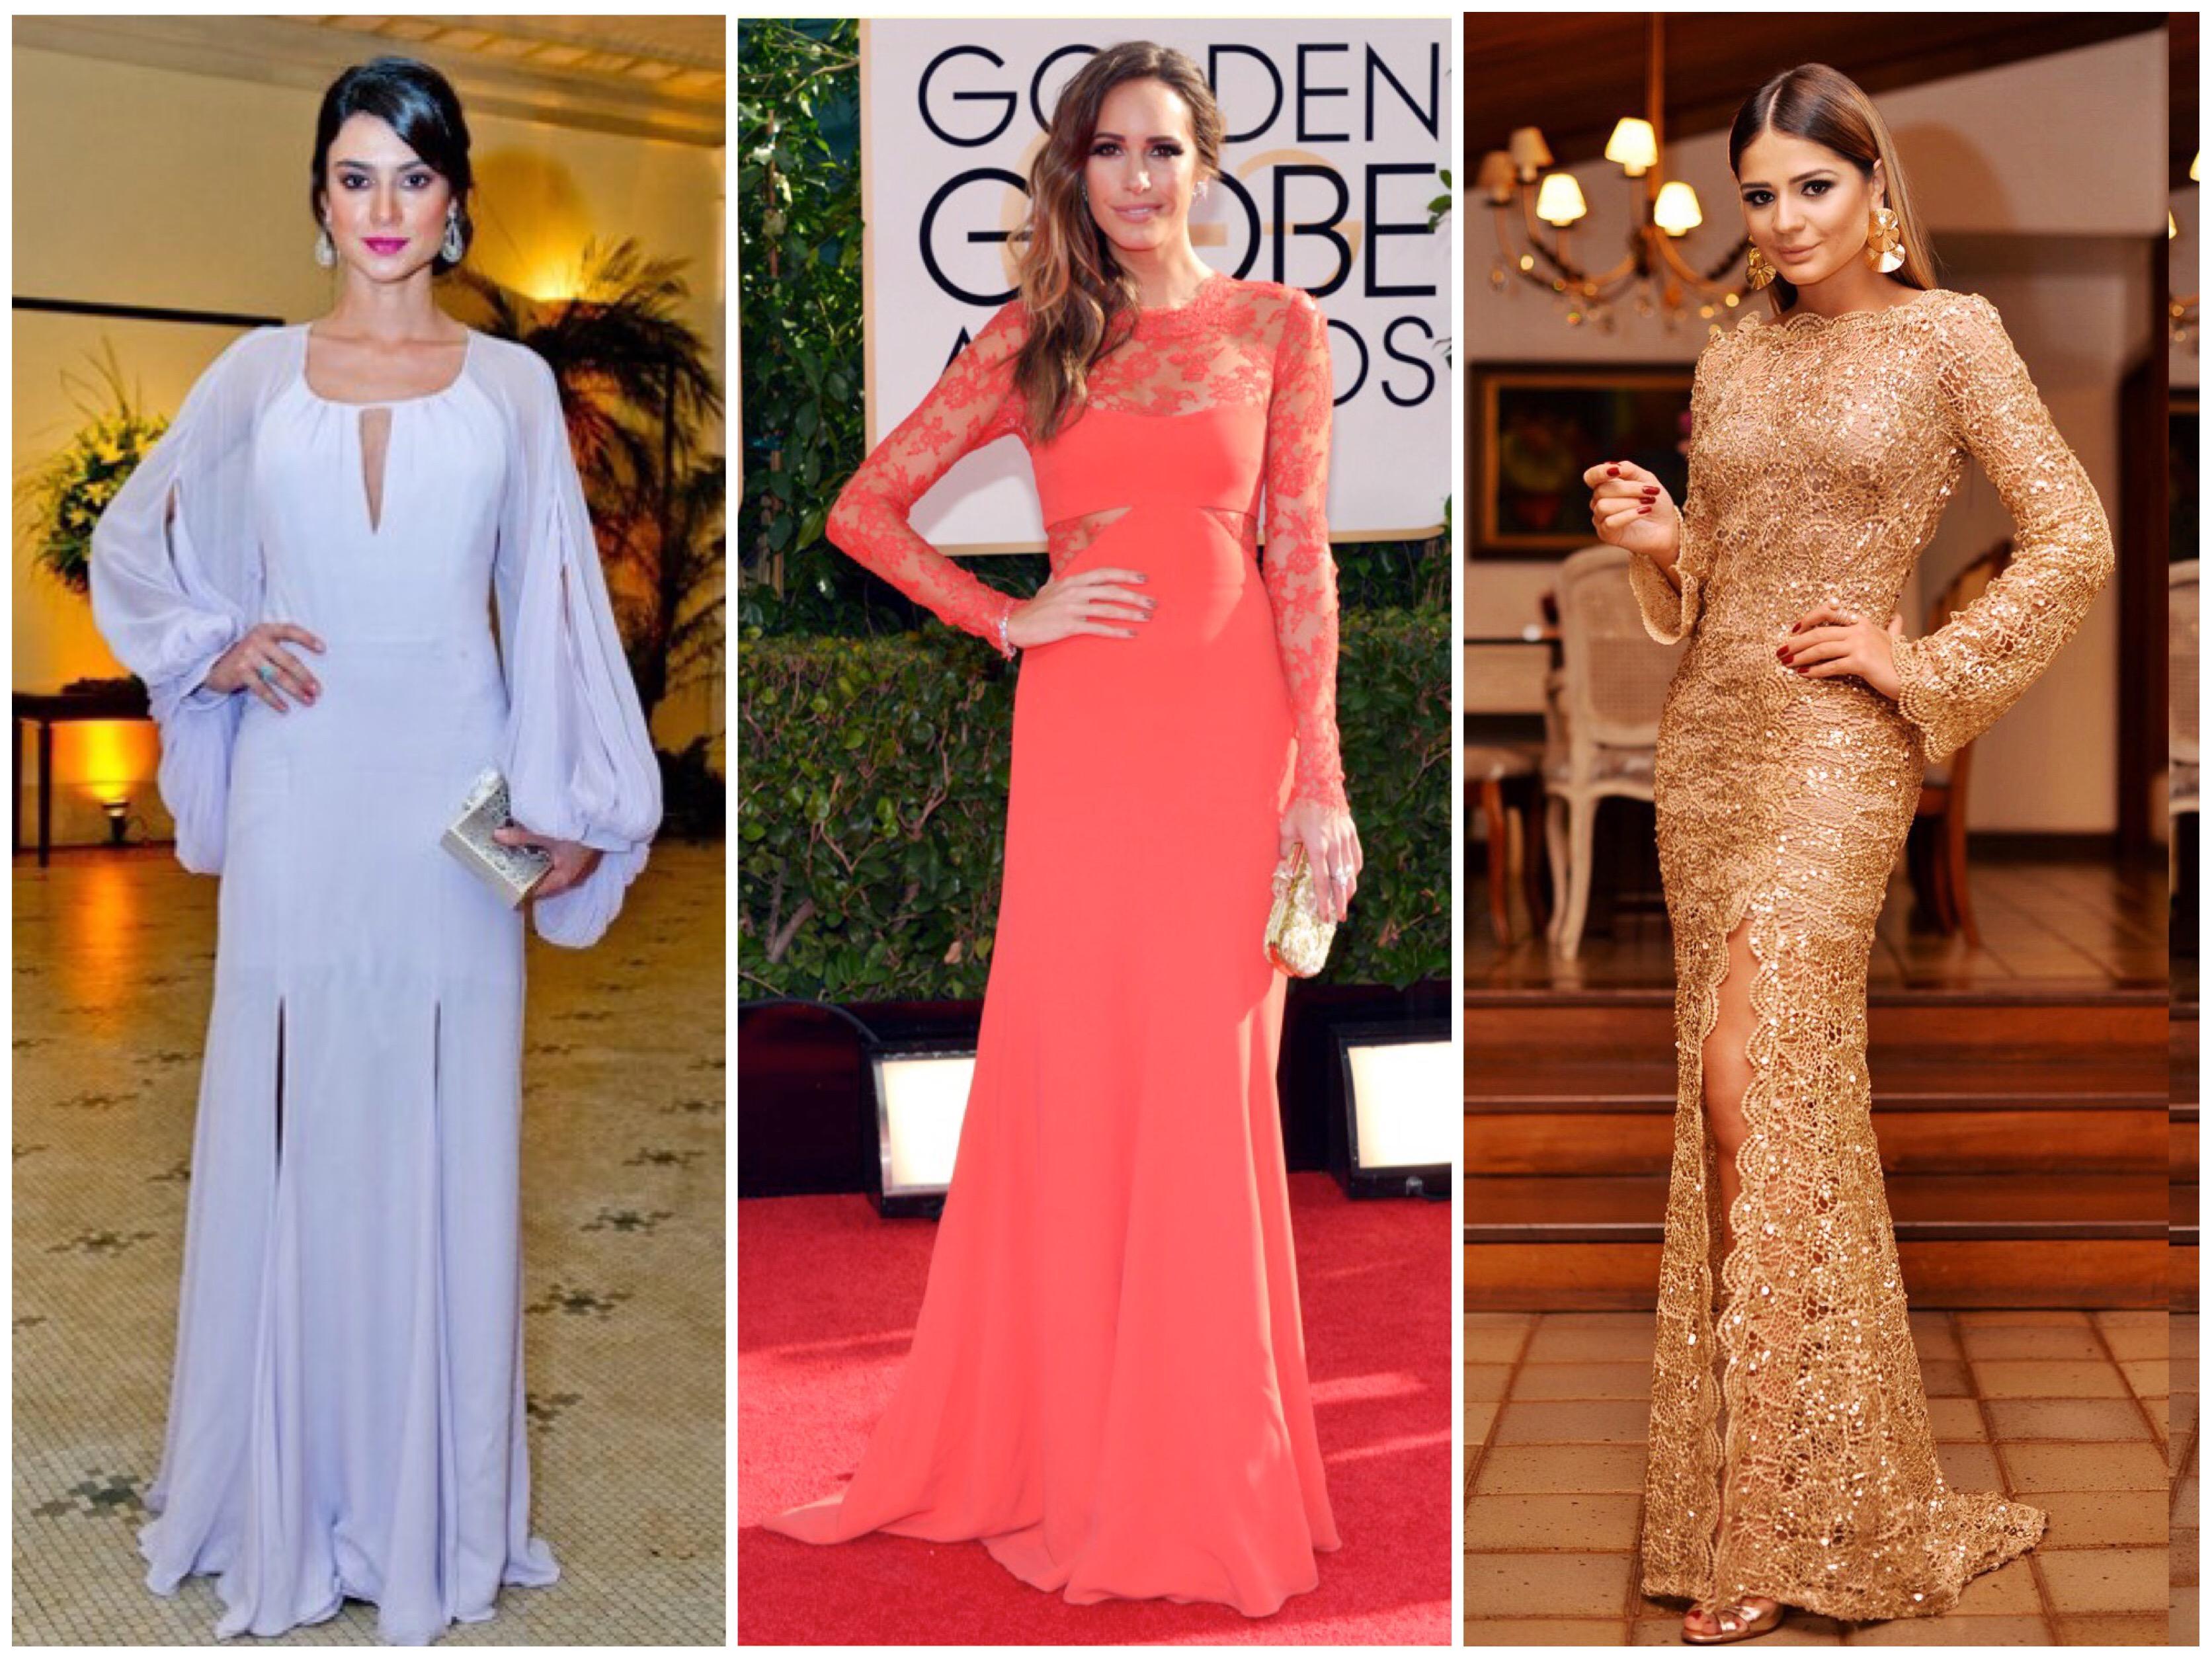 cbe3edc4e396 30 vestidos de festa pra você se inspirar e mandar fazer | Fabiana ...